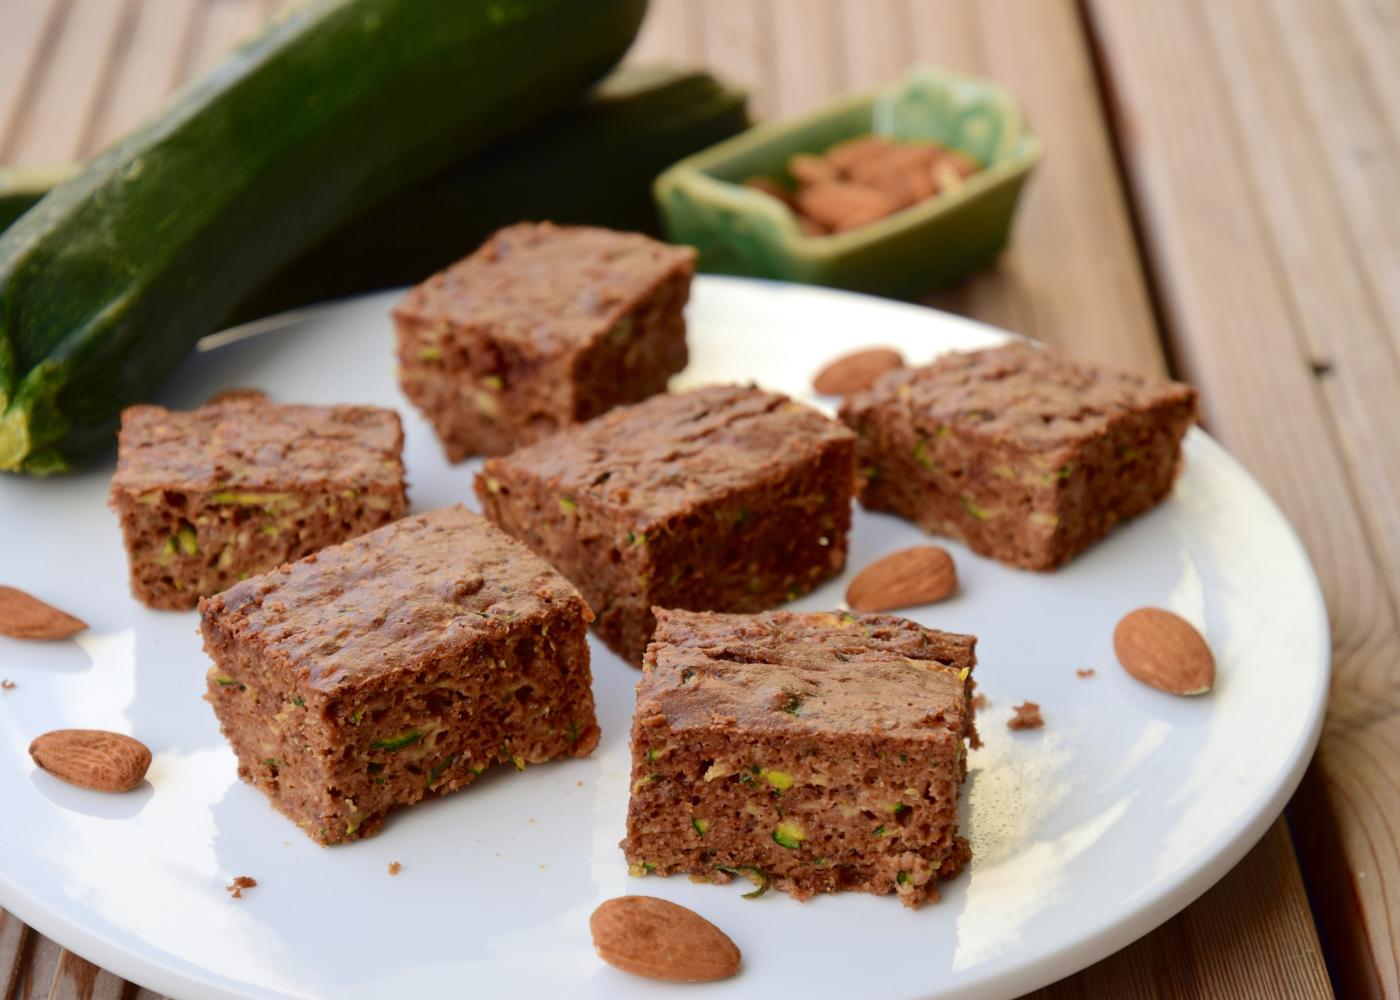 bolo de chocolate humido para pequeno almoco